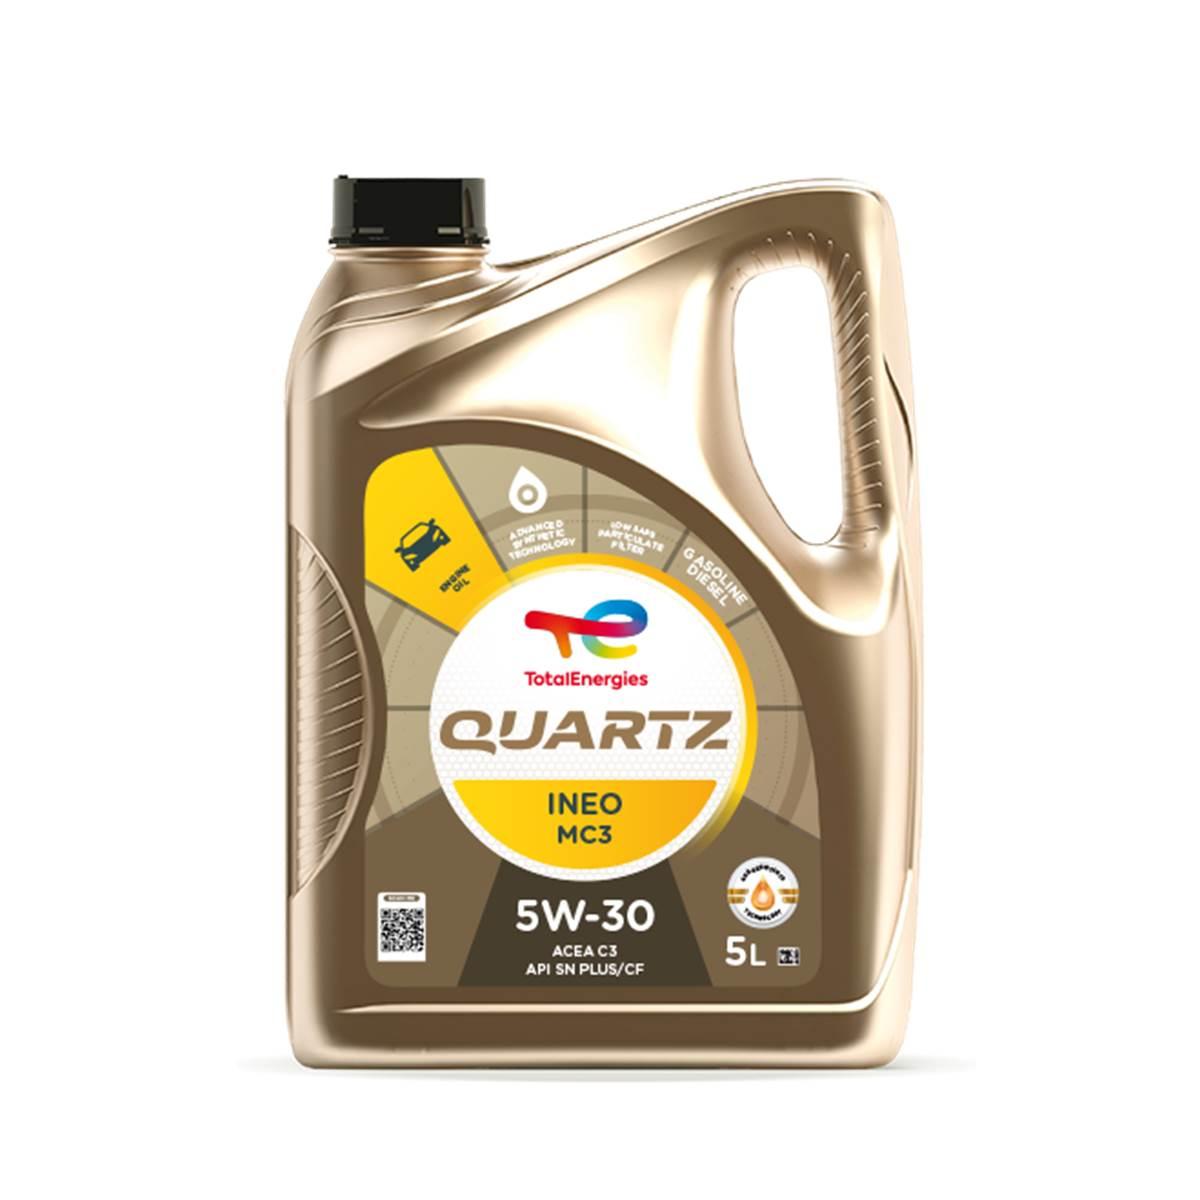 Huile moteur TOTAL Quartz Ineo MC3 5W30 Essence/Diesel 5L